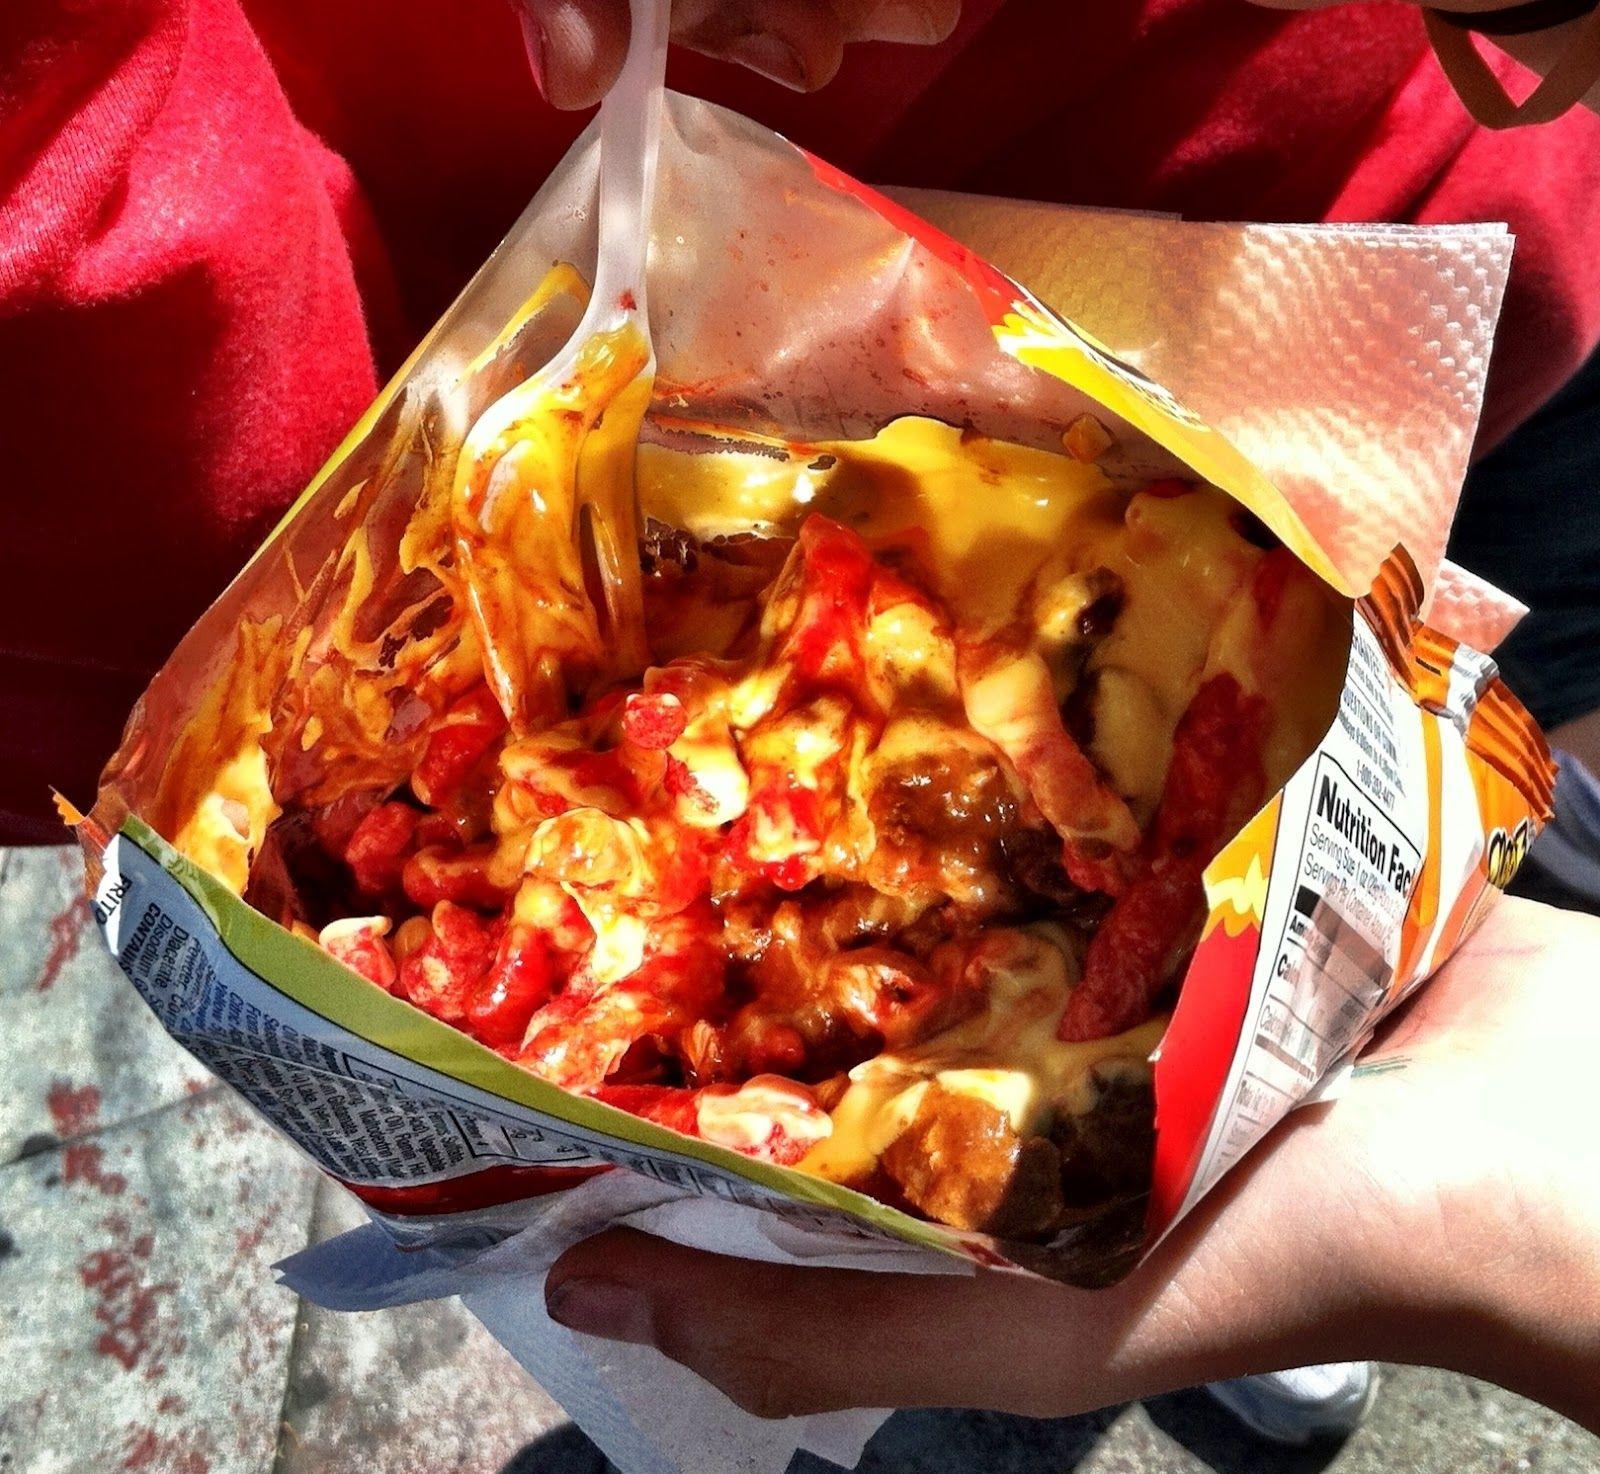 Debate Cheetos Are Bad For You: The Hot Cheetos Mexican Way Craving Hot Cheetos Soooo Bad